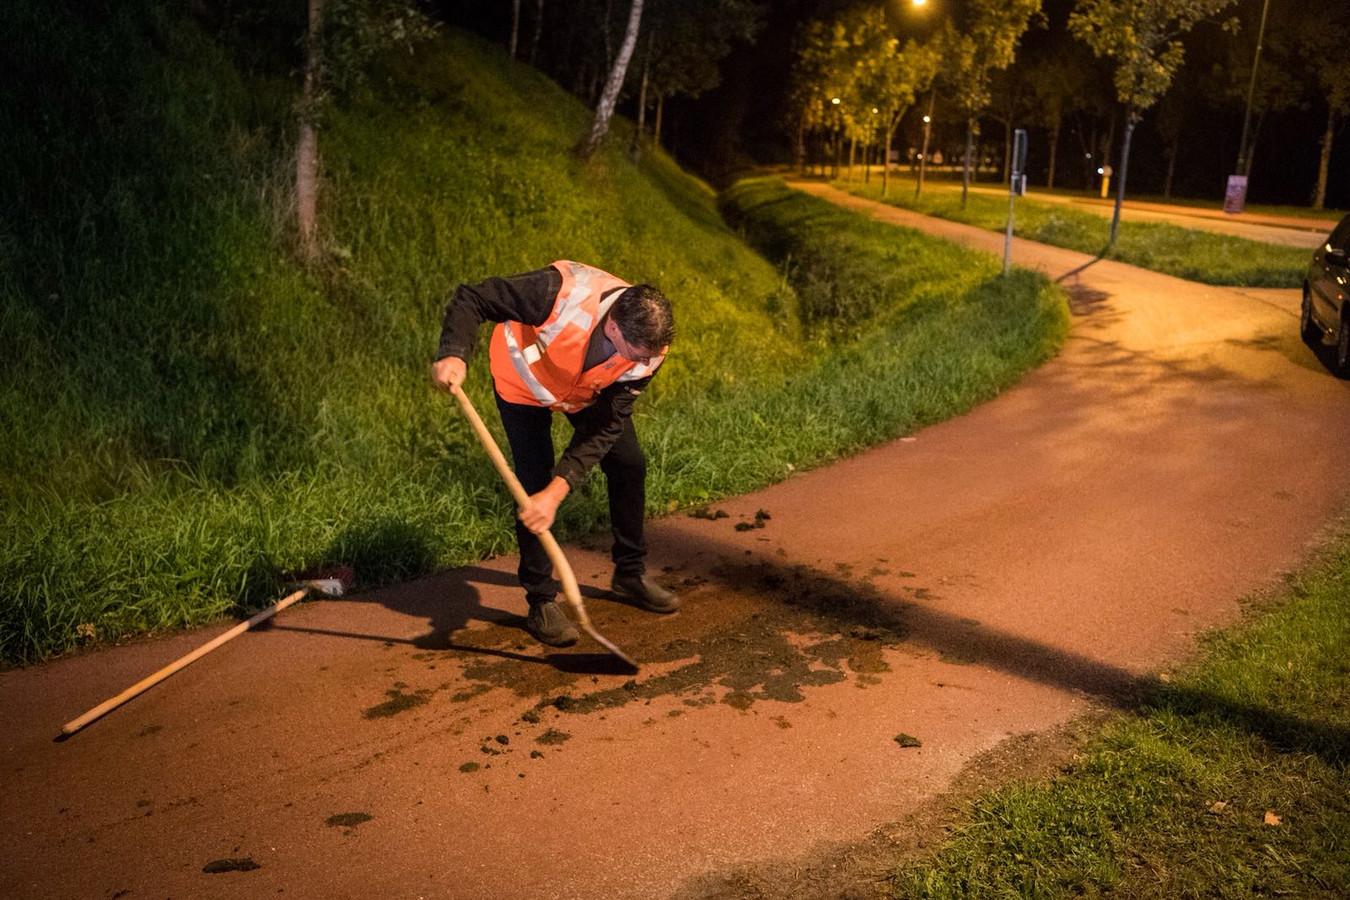 De modder werd na het ongeluk opgeschept.